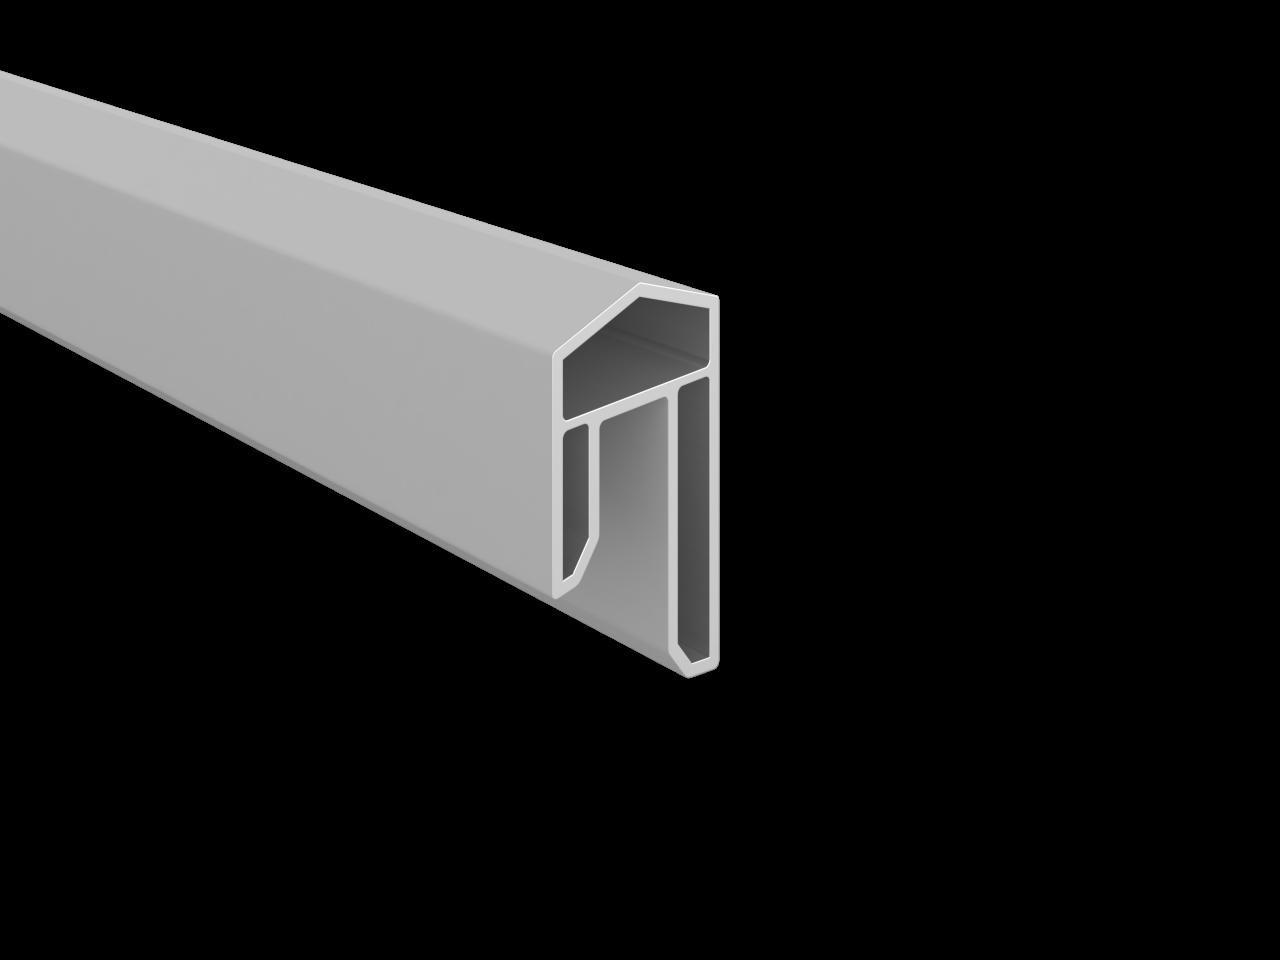 BALTIC-Serie KS-Abdeckleiste 17 x 31 x 1760 mm, SILBERGRAU